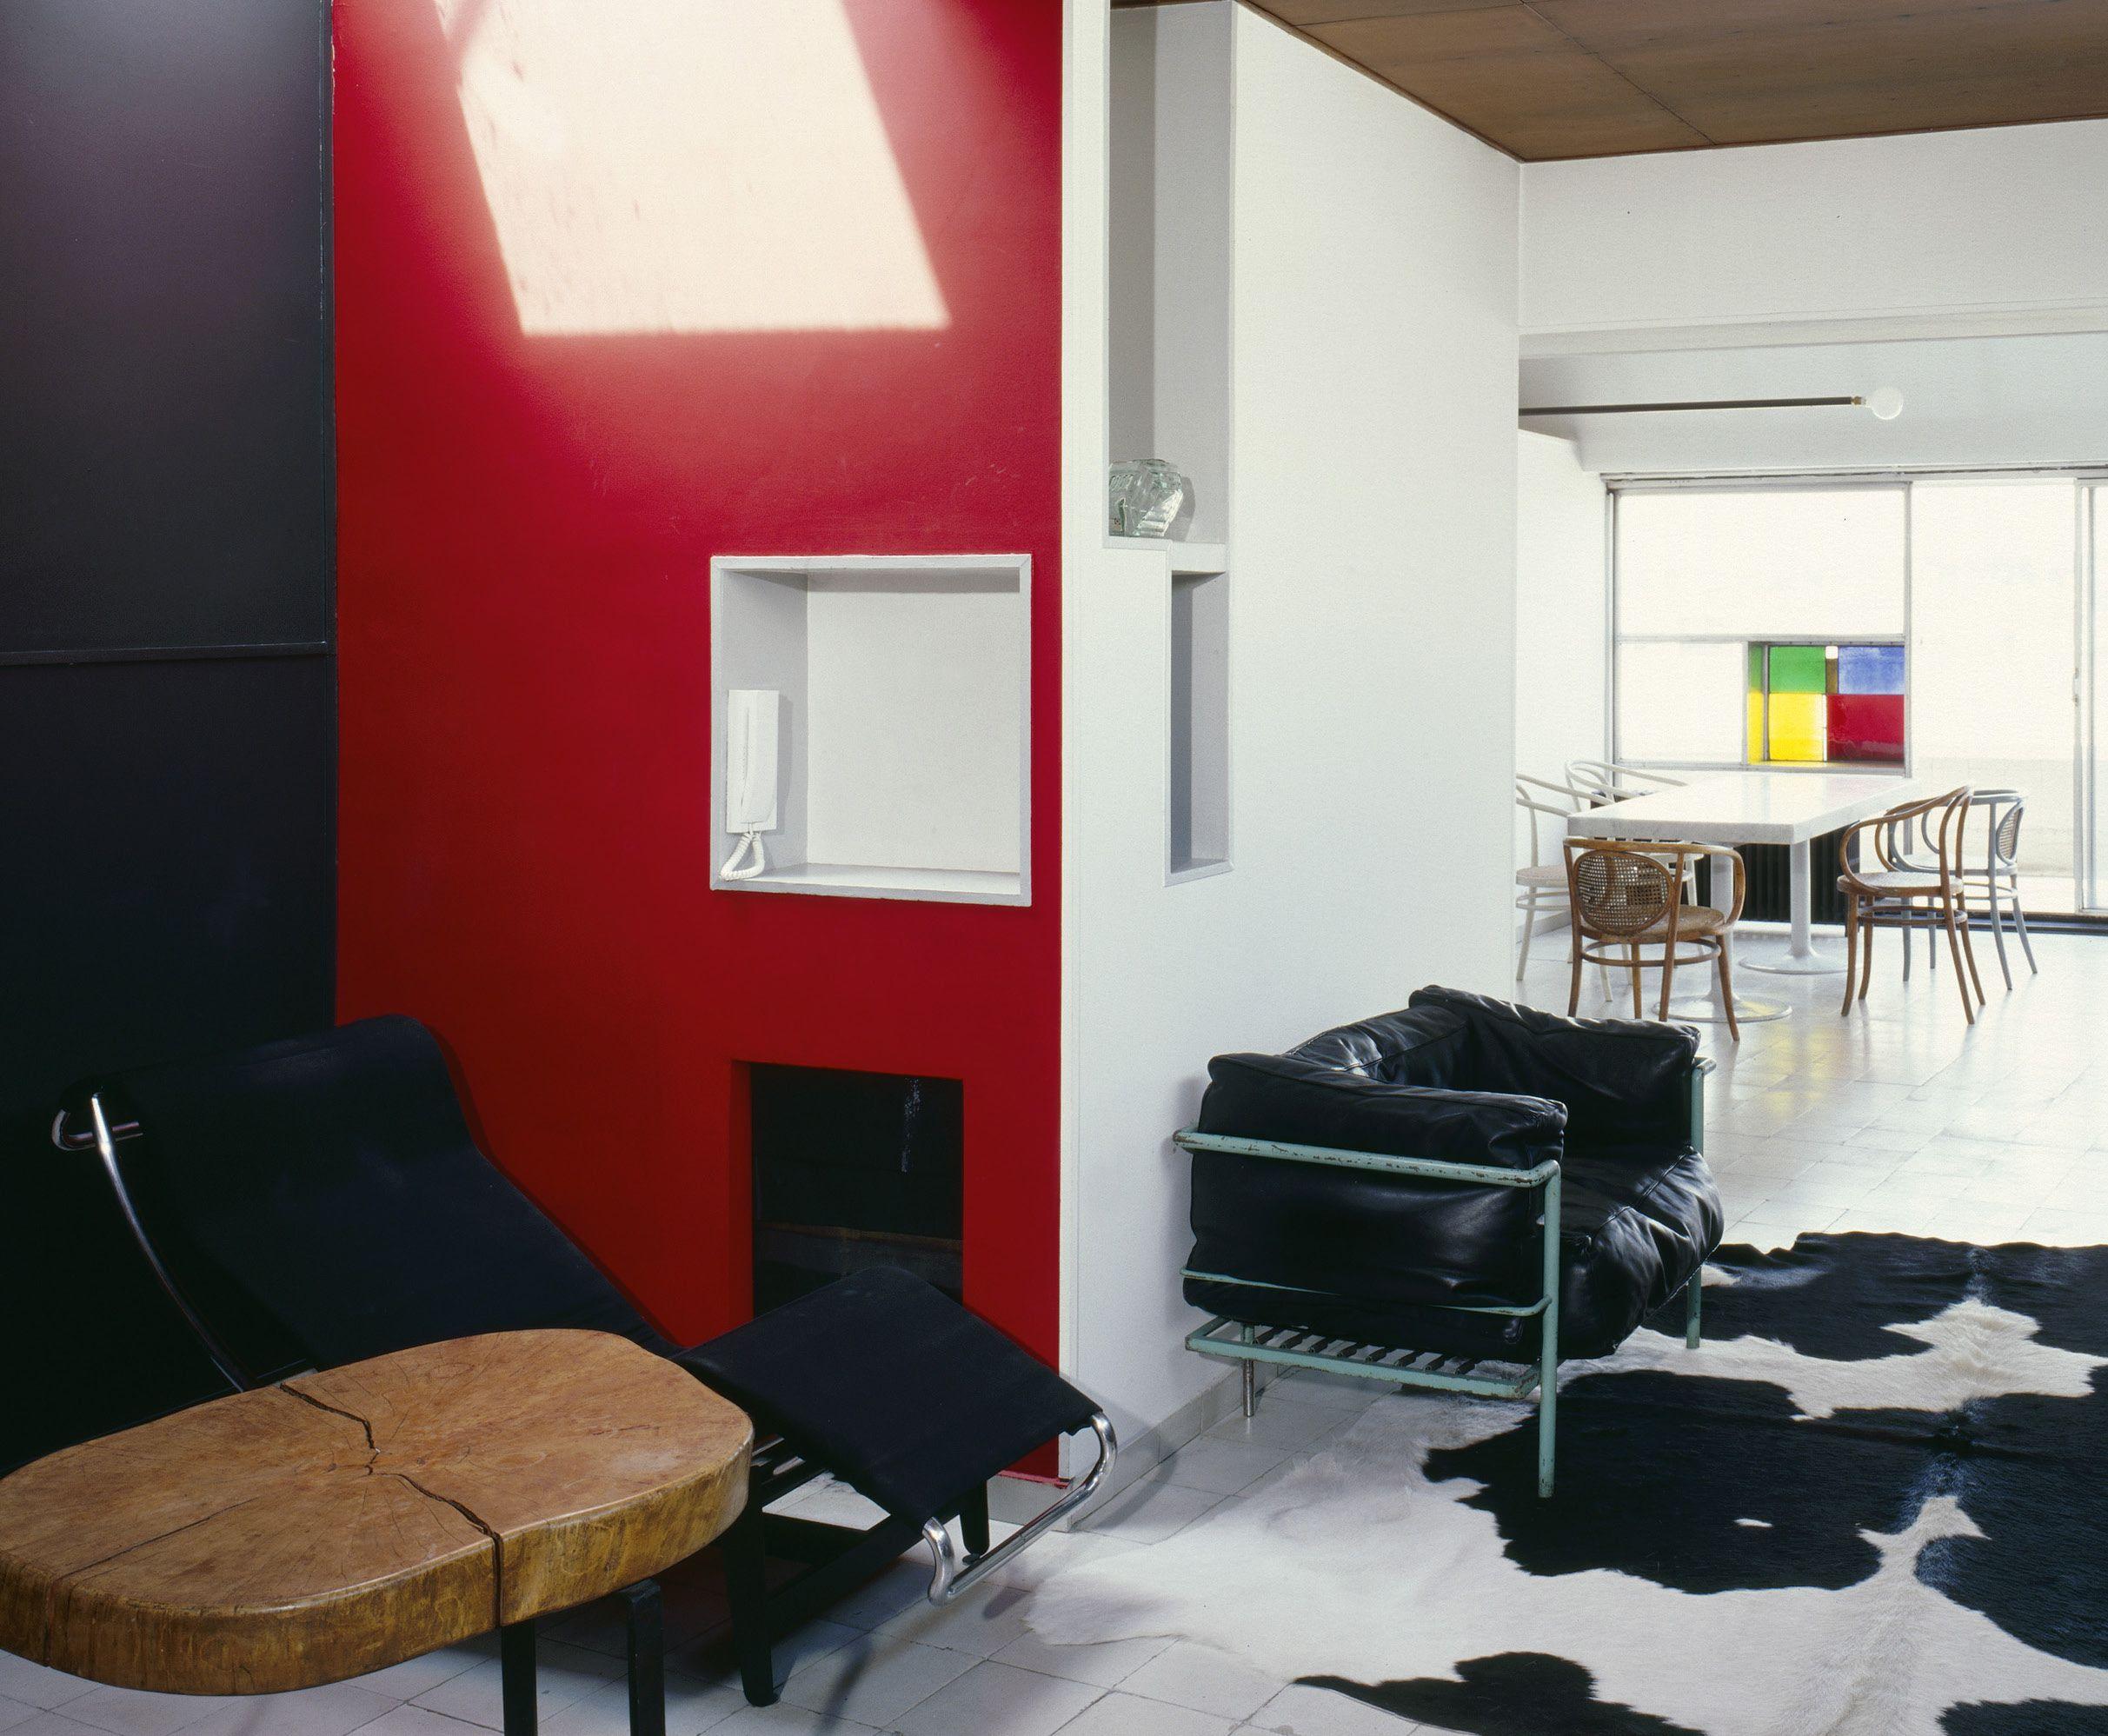 Arredamento Antico Interno Case : Case gli interni più belli e originali di case loft e ville